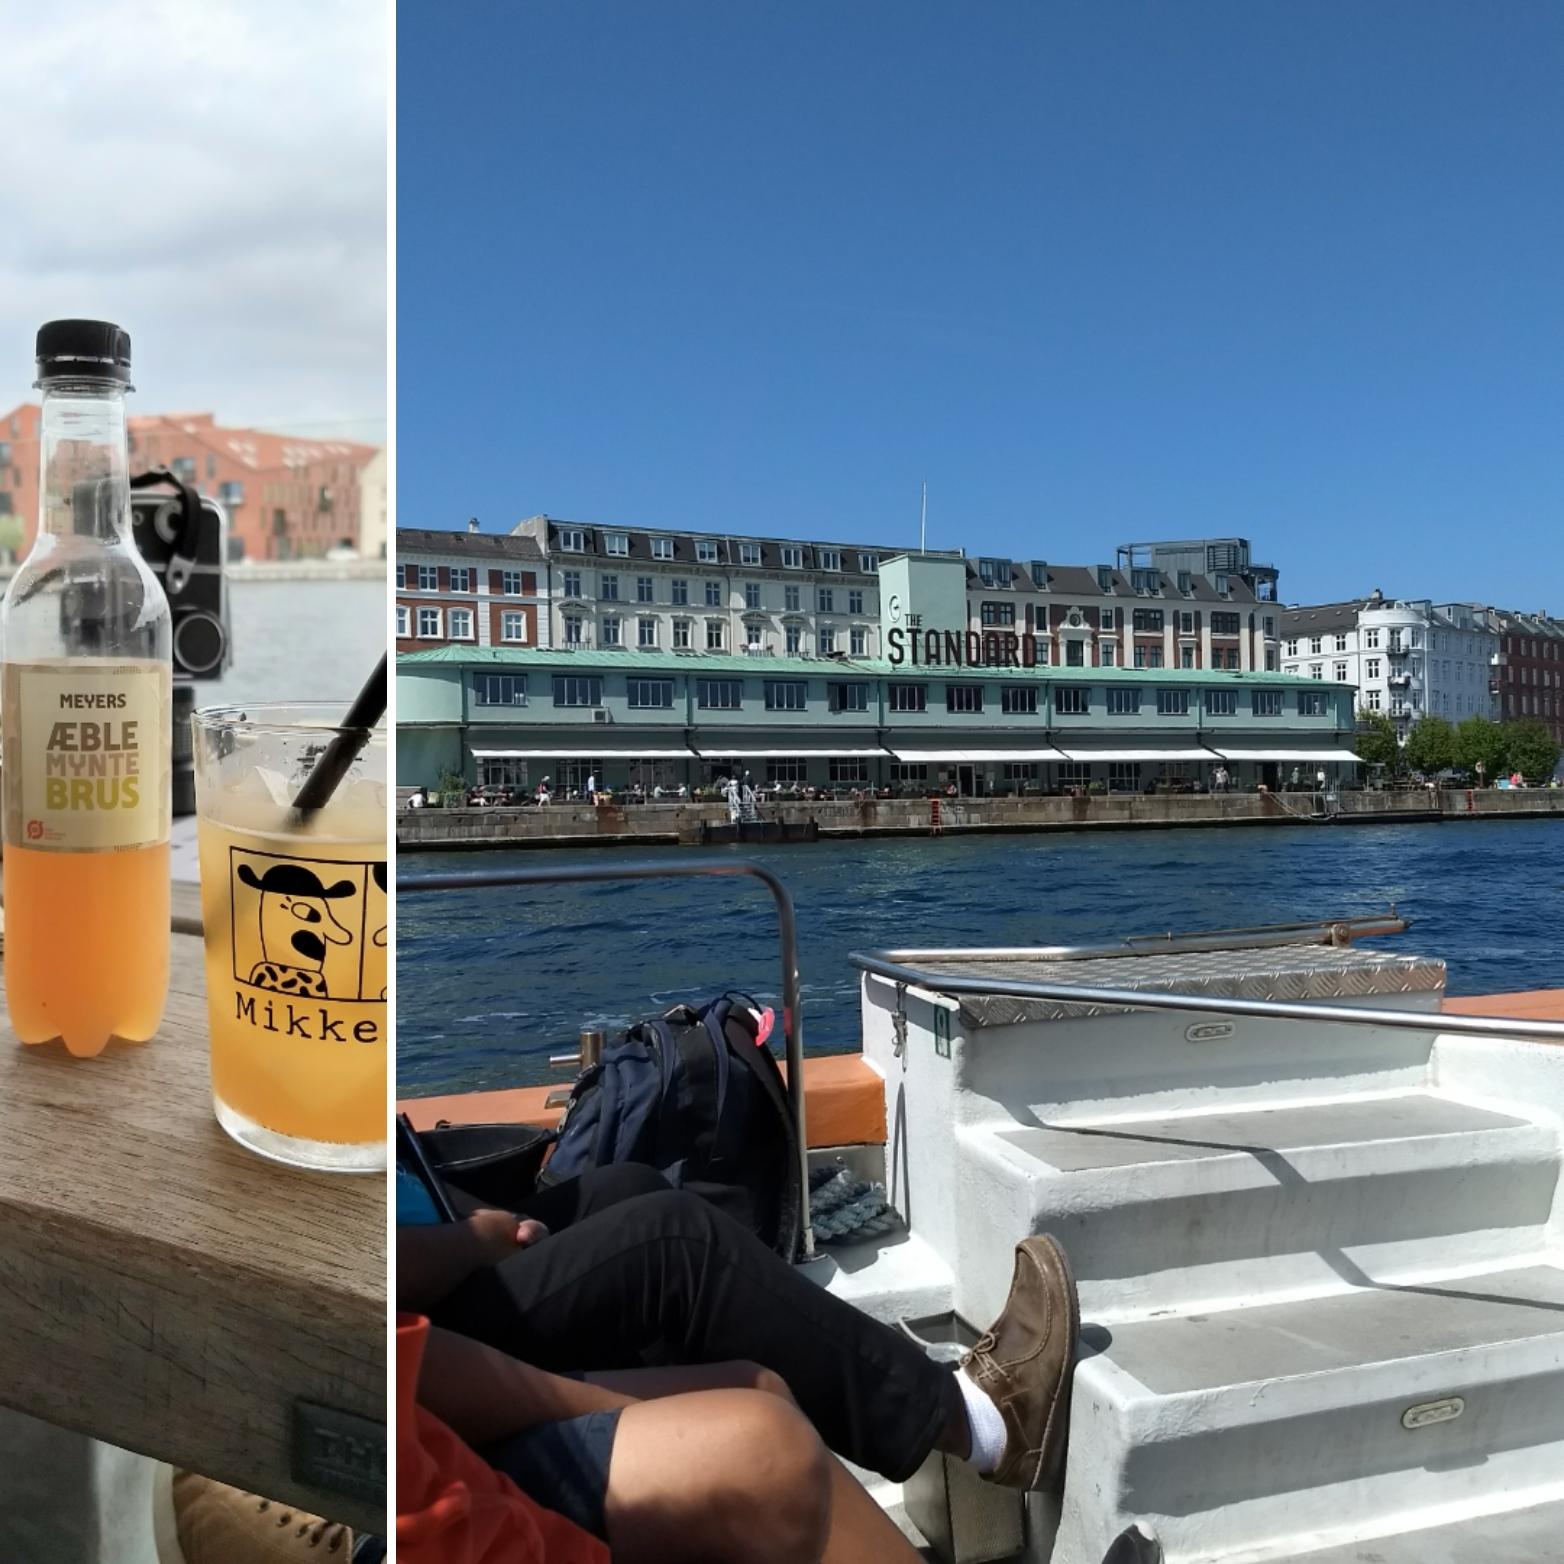 The Standard Kopenhagen